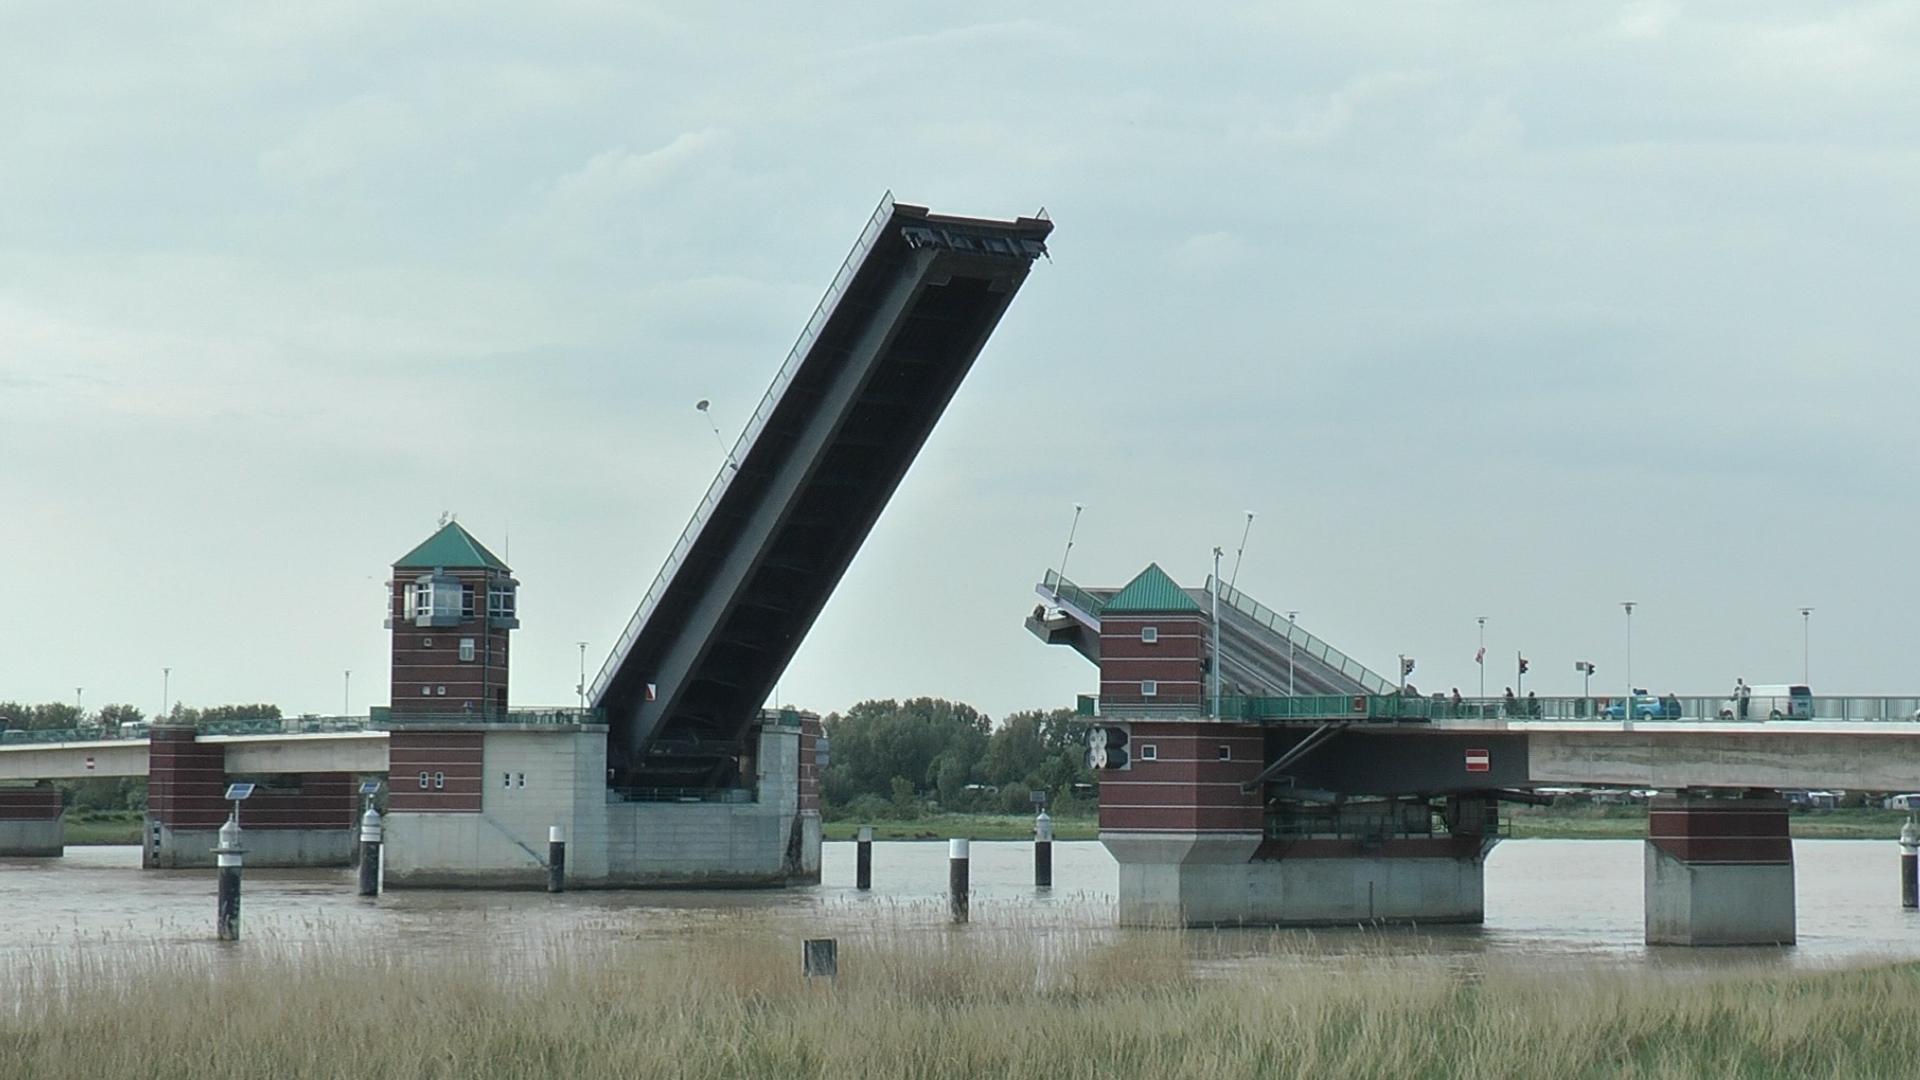 größte Klappbrücke Westeuropas bei Leer (Ostfriesland)